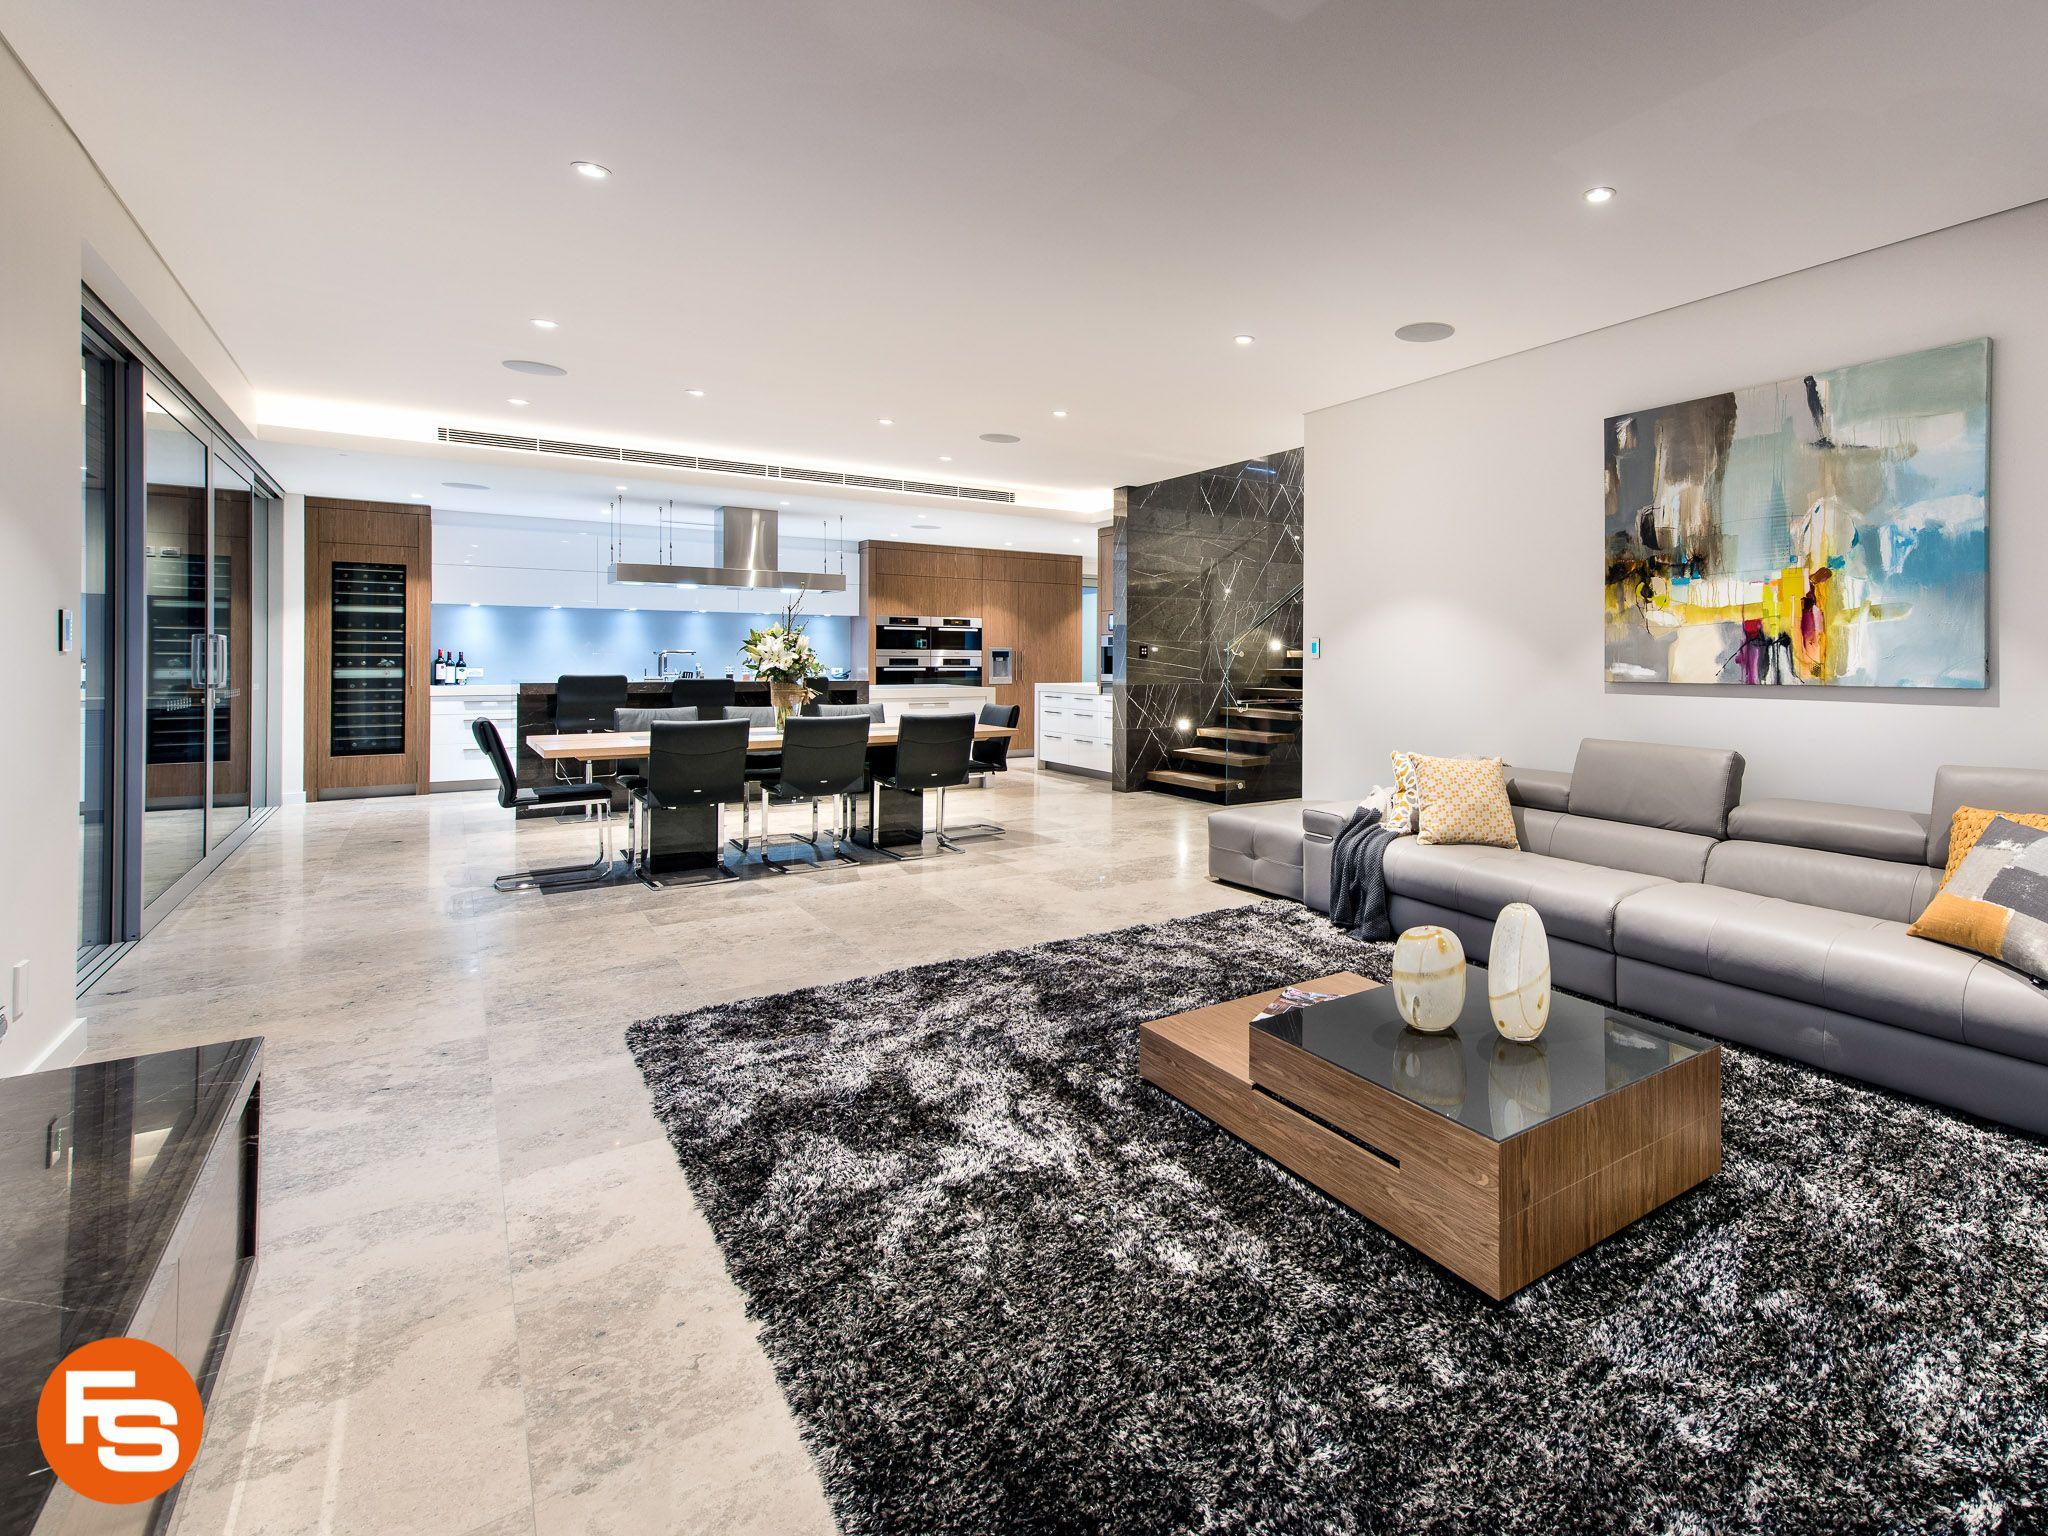 Ein Wohnzimmer Ausgelegt Mit Unserem Naturstein Jura Kalkstein Grau